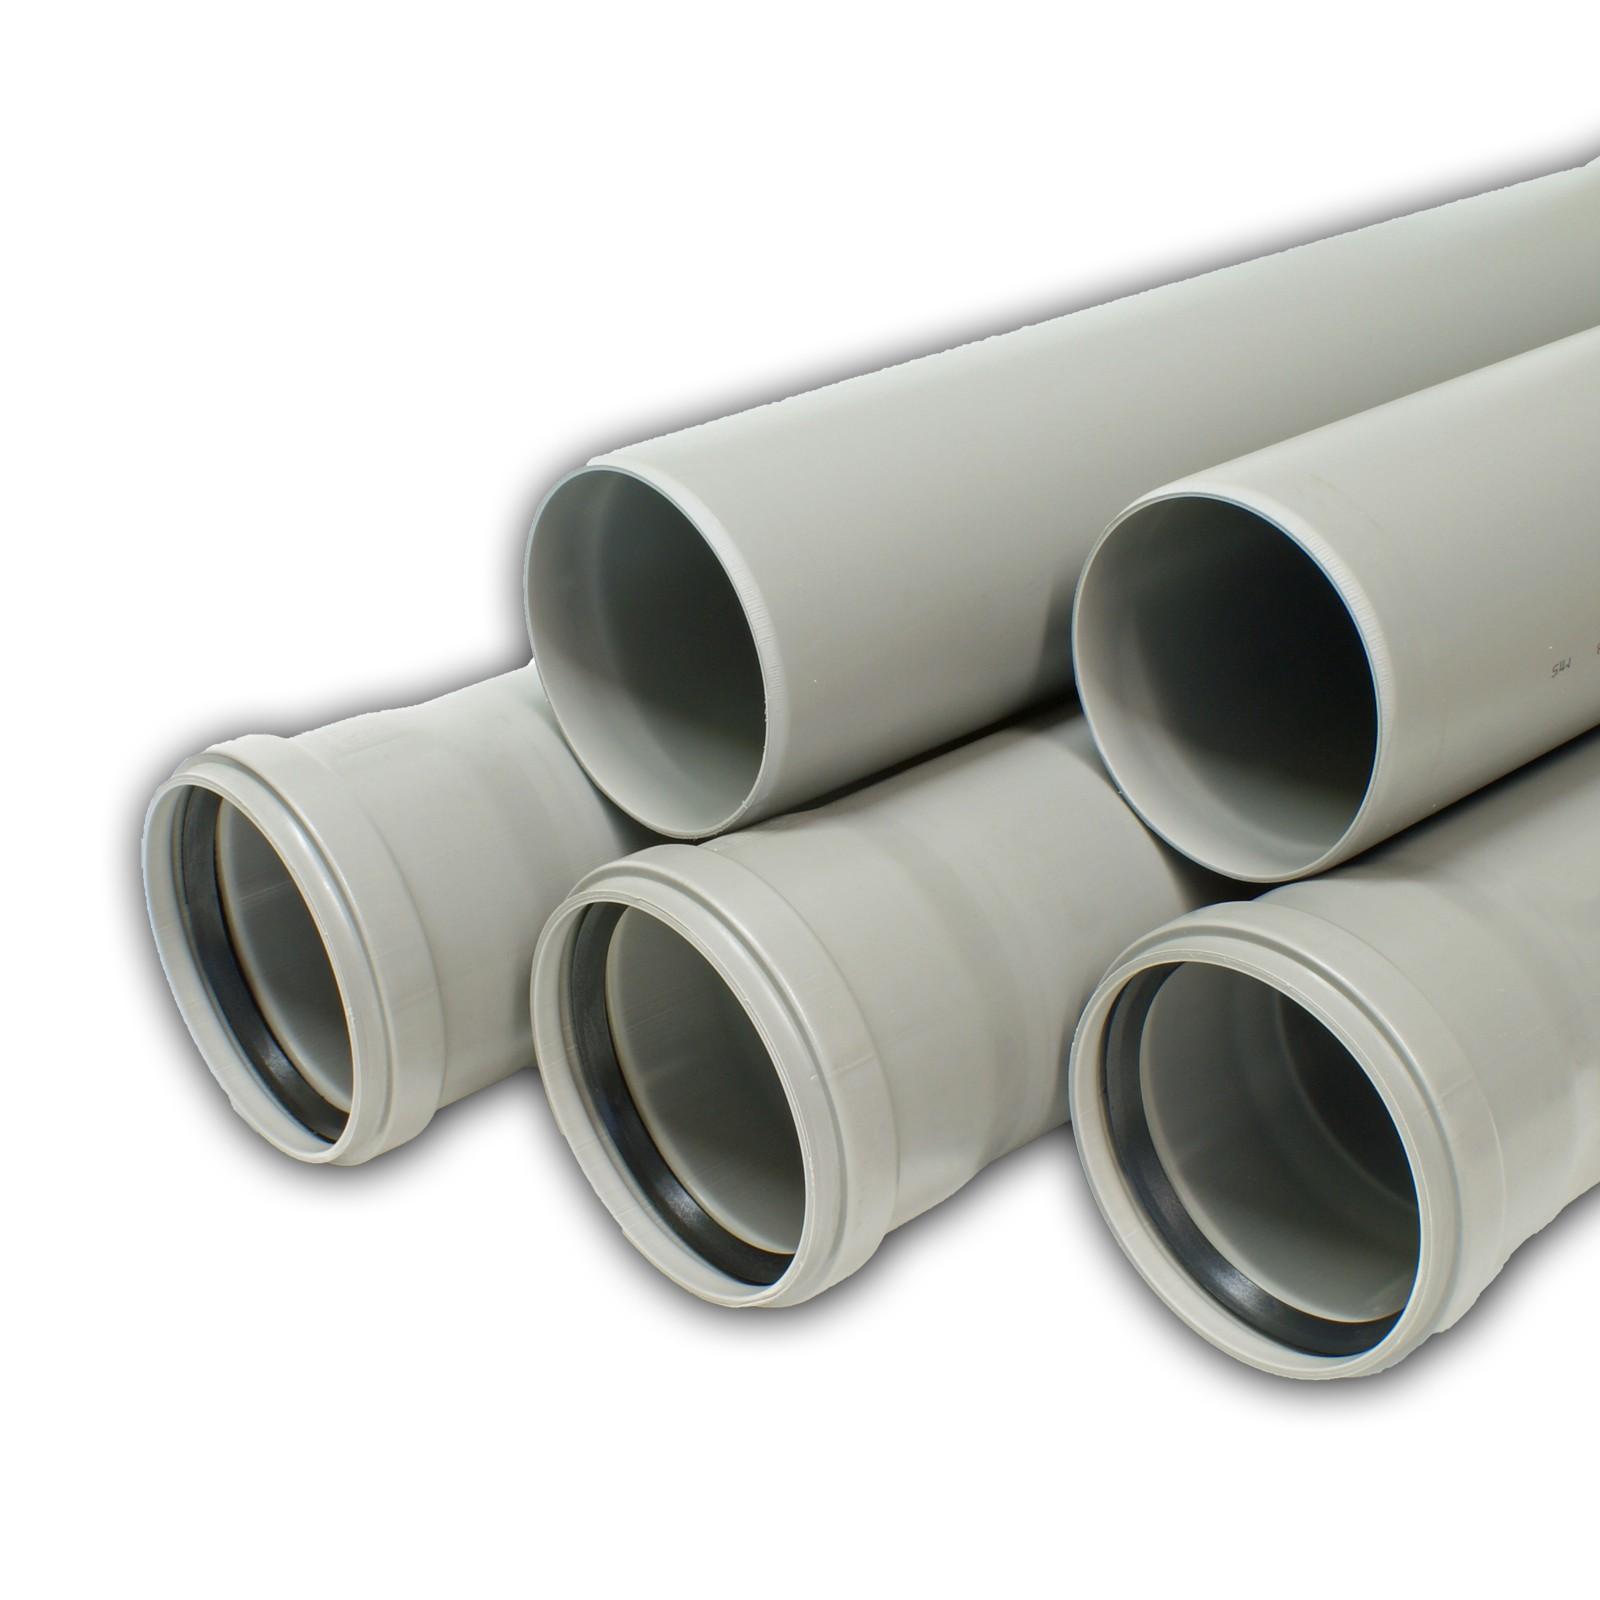 5x ht rohr dn50 x 1000 mm kunststoff abwasserrohr grau